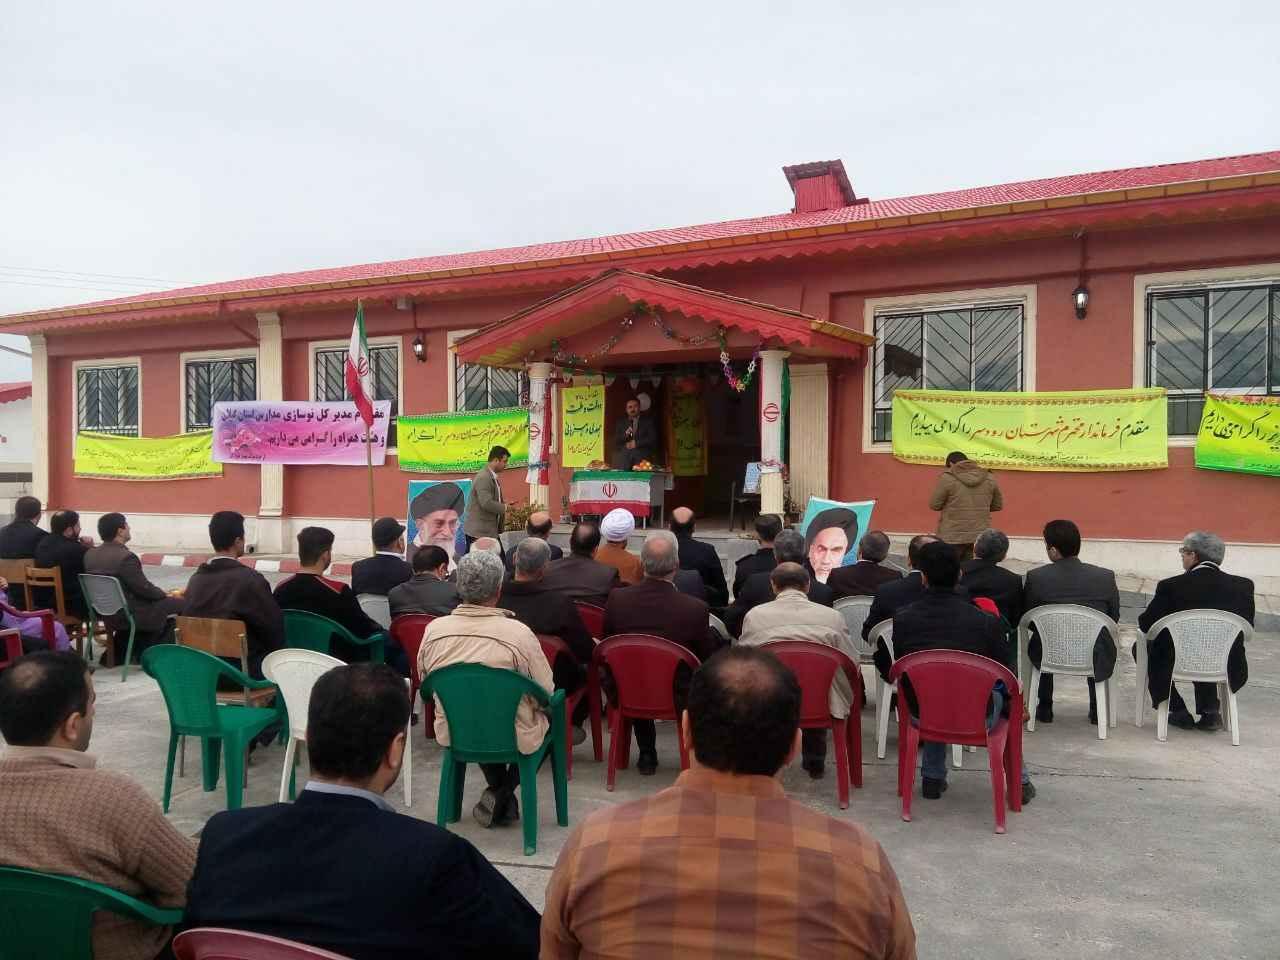 افتتاح ساختمان جدید مدرسه شش کلاسه شهید حسین معصومی گیلاکجان